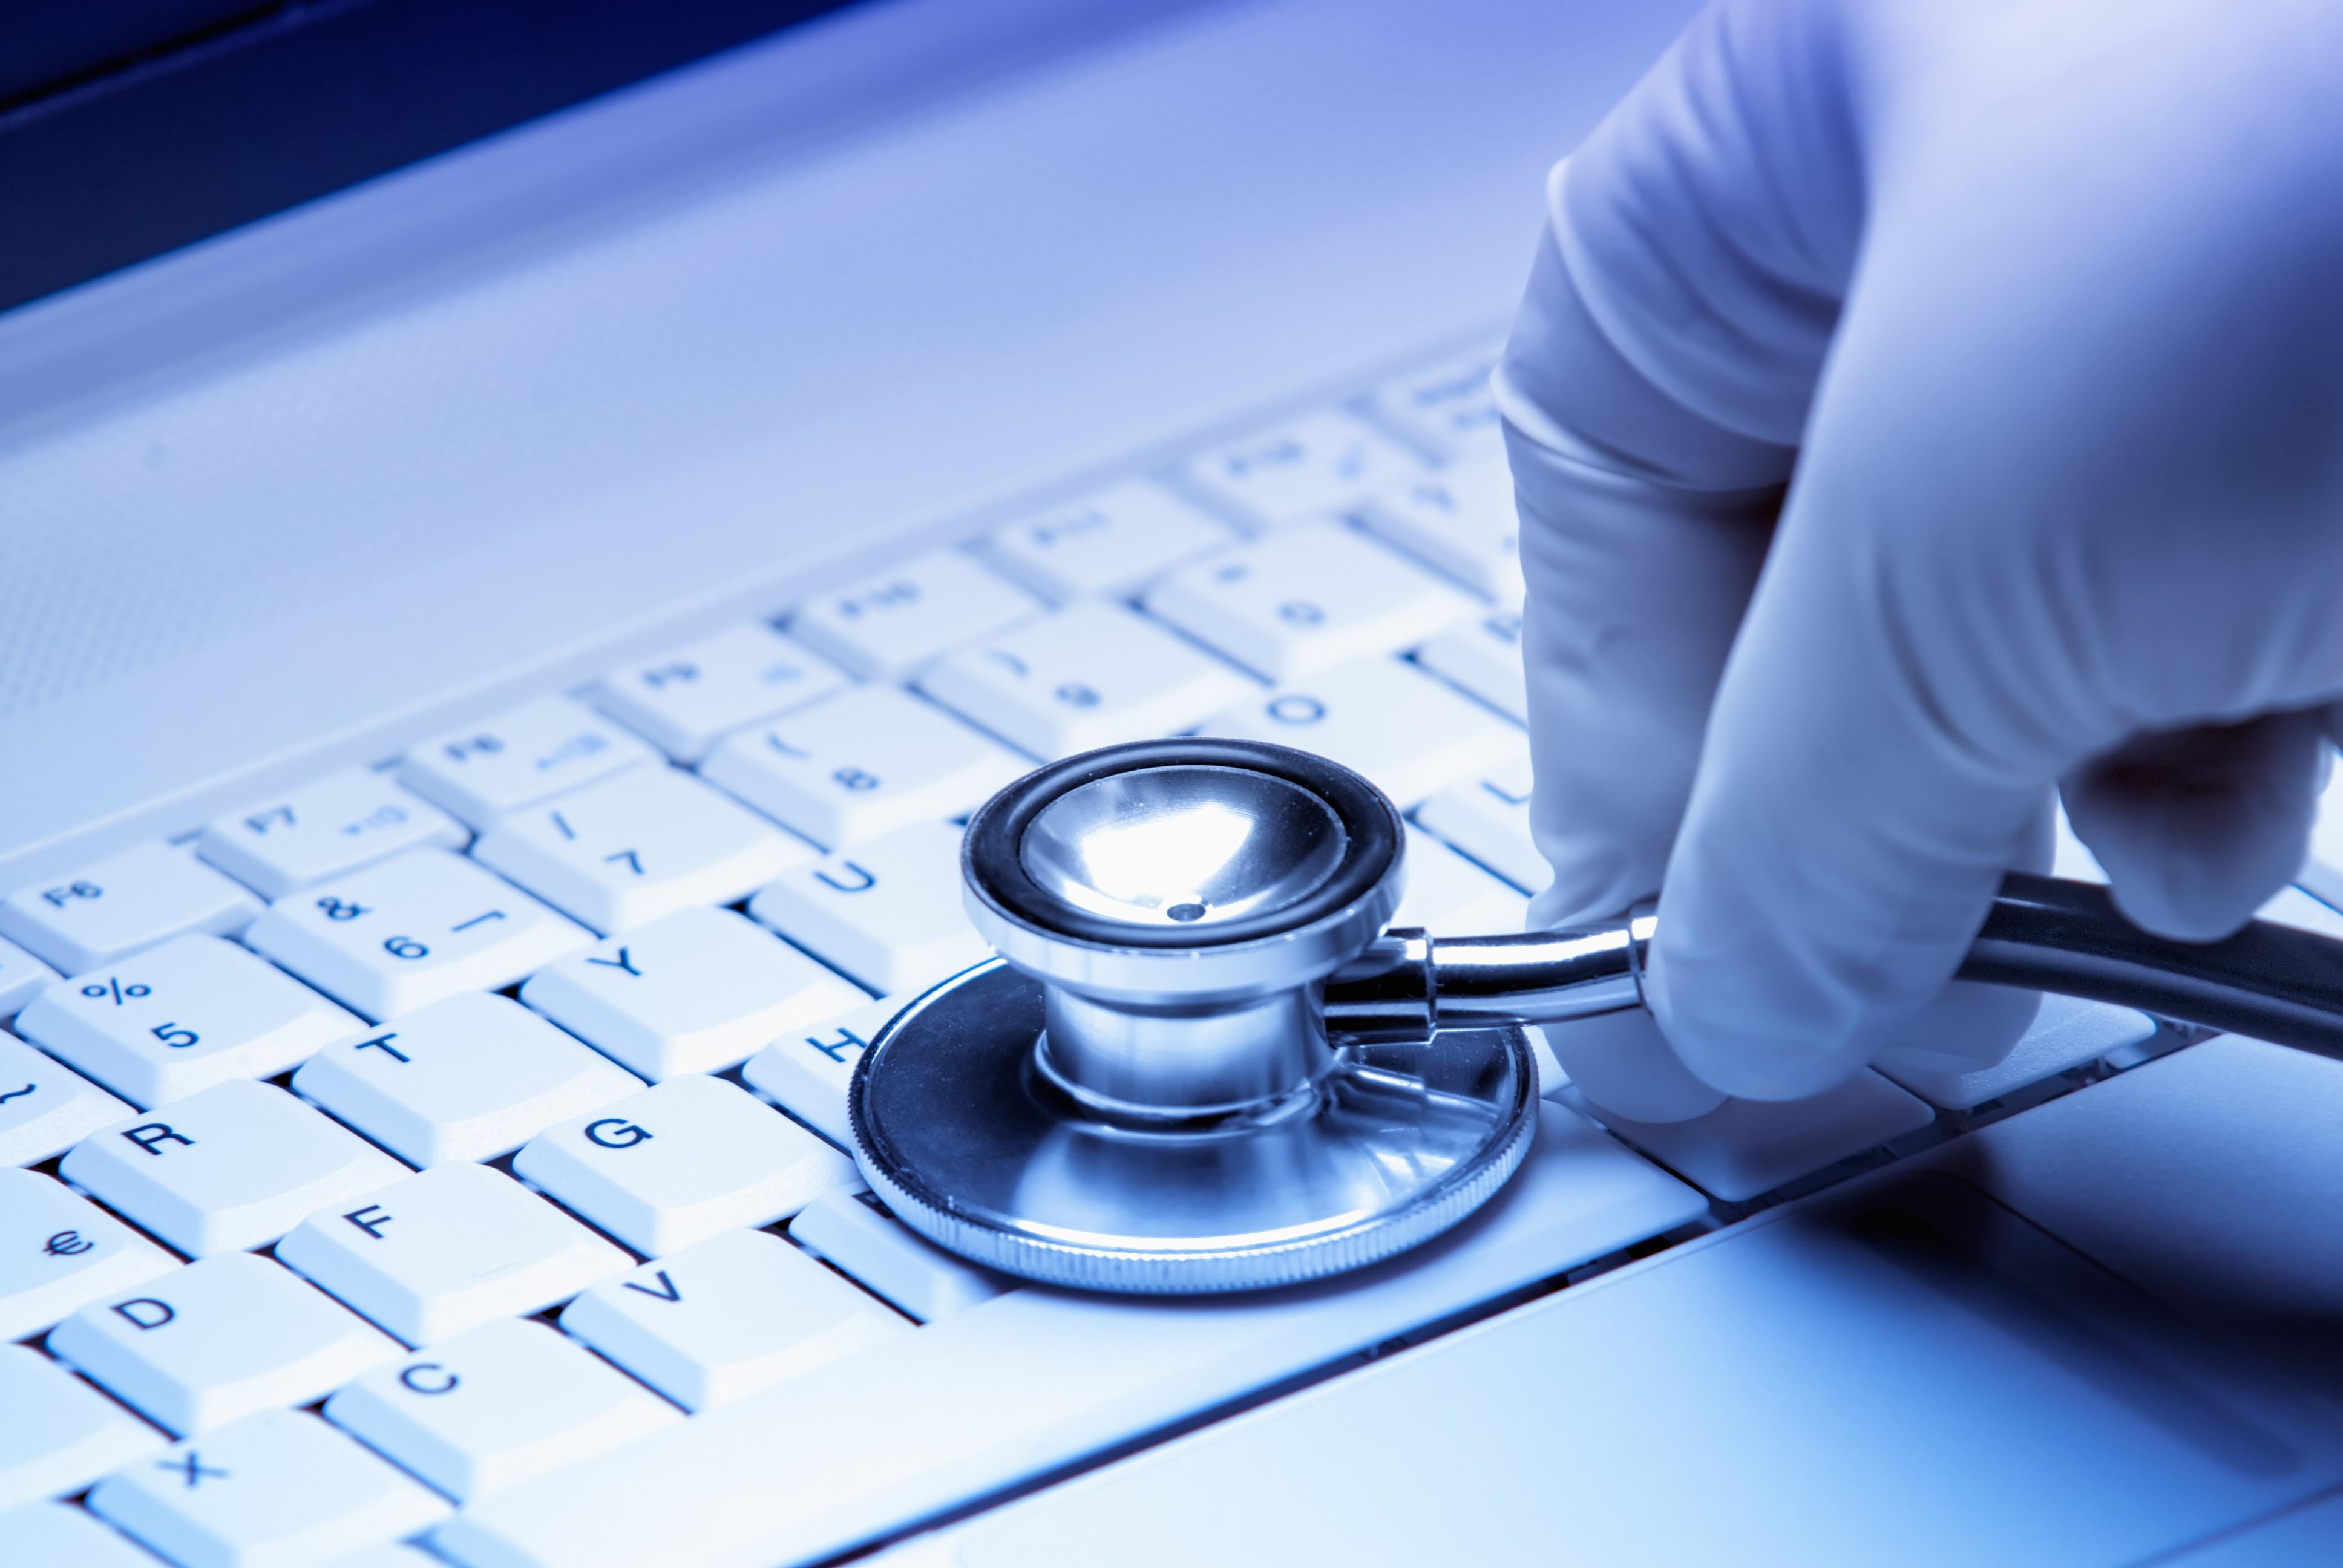 Reparacion de un disco duro a manos de un medico. Simbolo de un servicio tecnico de calidad